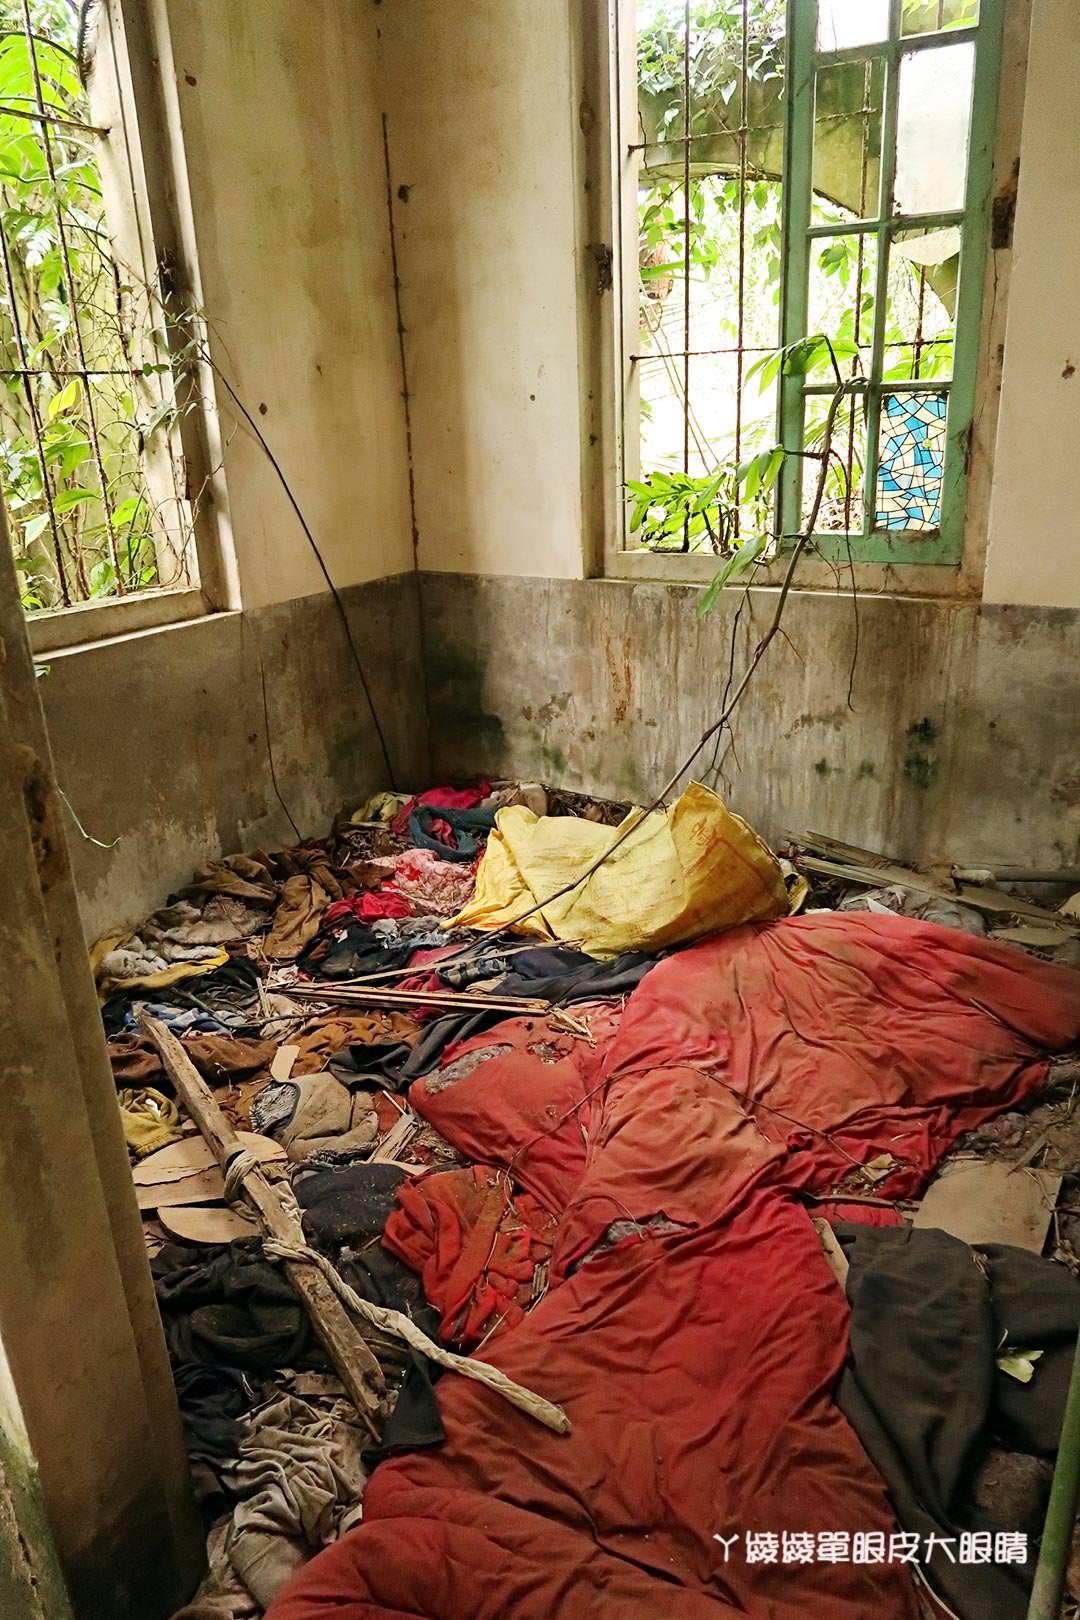 新竹峨眉景點|十二寮天主教堂,廢墟風掀起IG打卡熱潮!